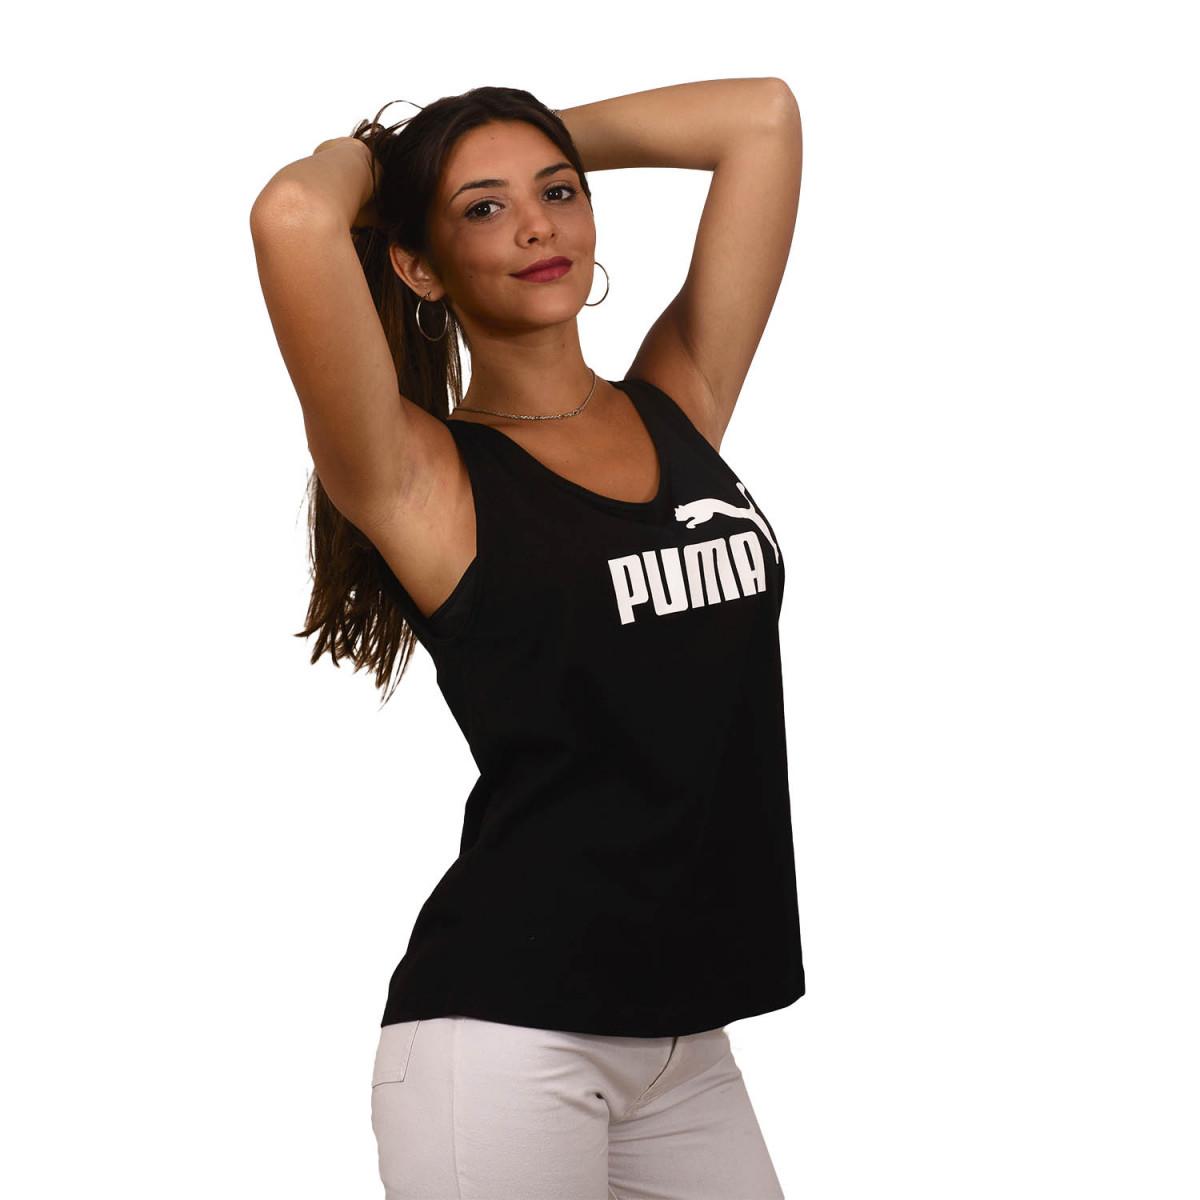 4366a62f6 Musculosa Puma Essentials - Puma - Marca